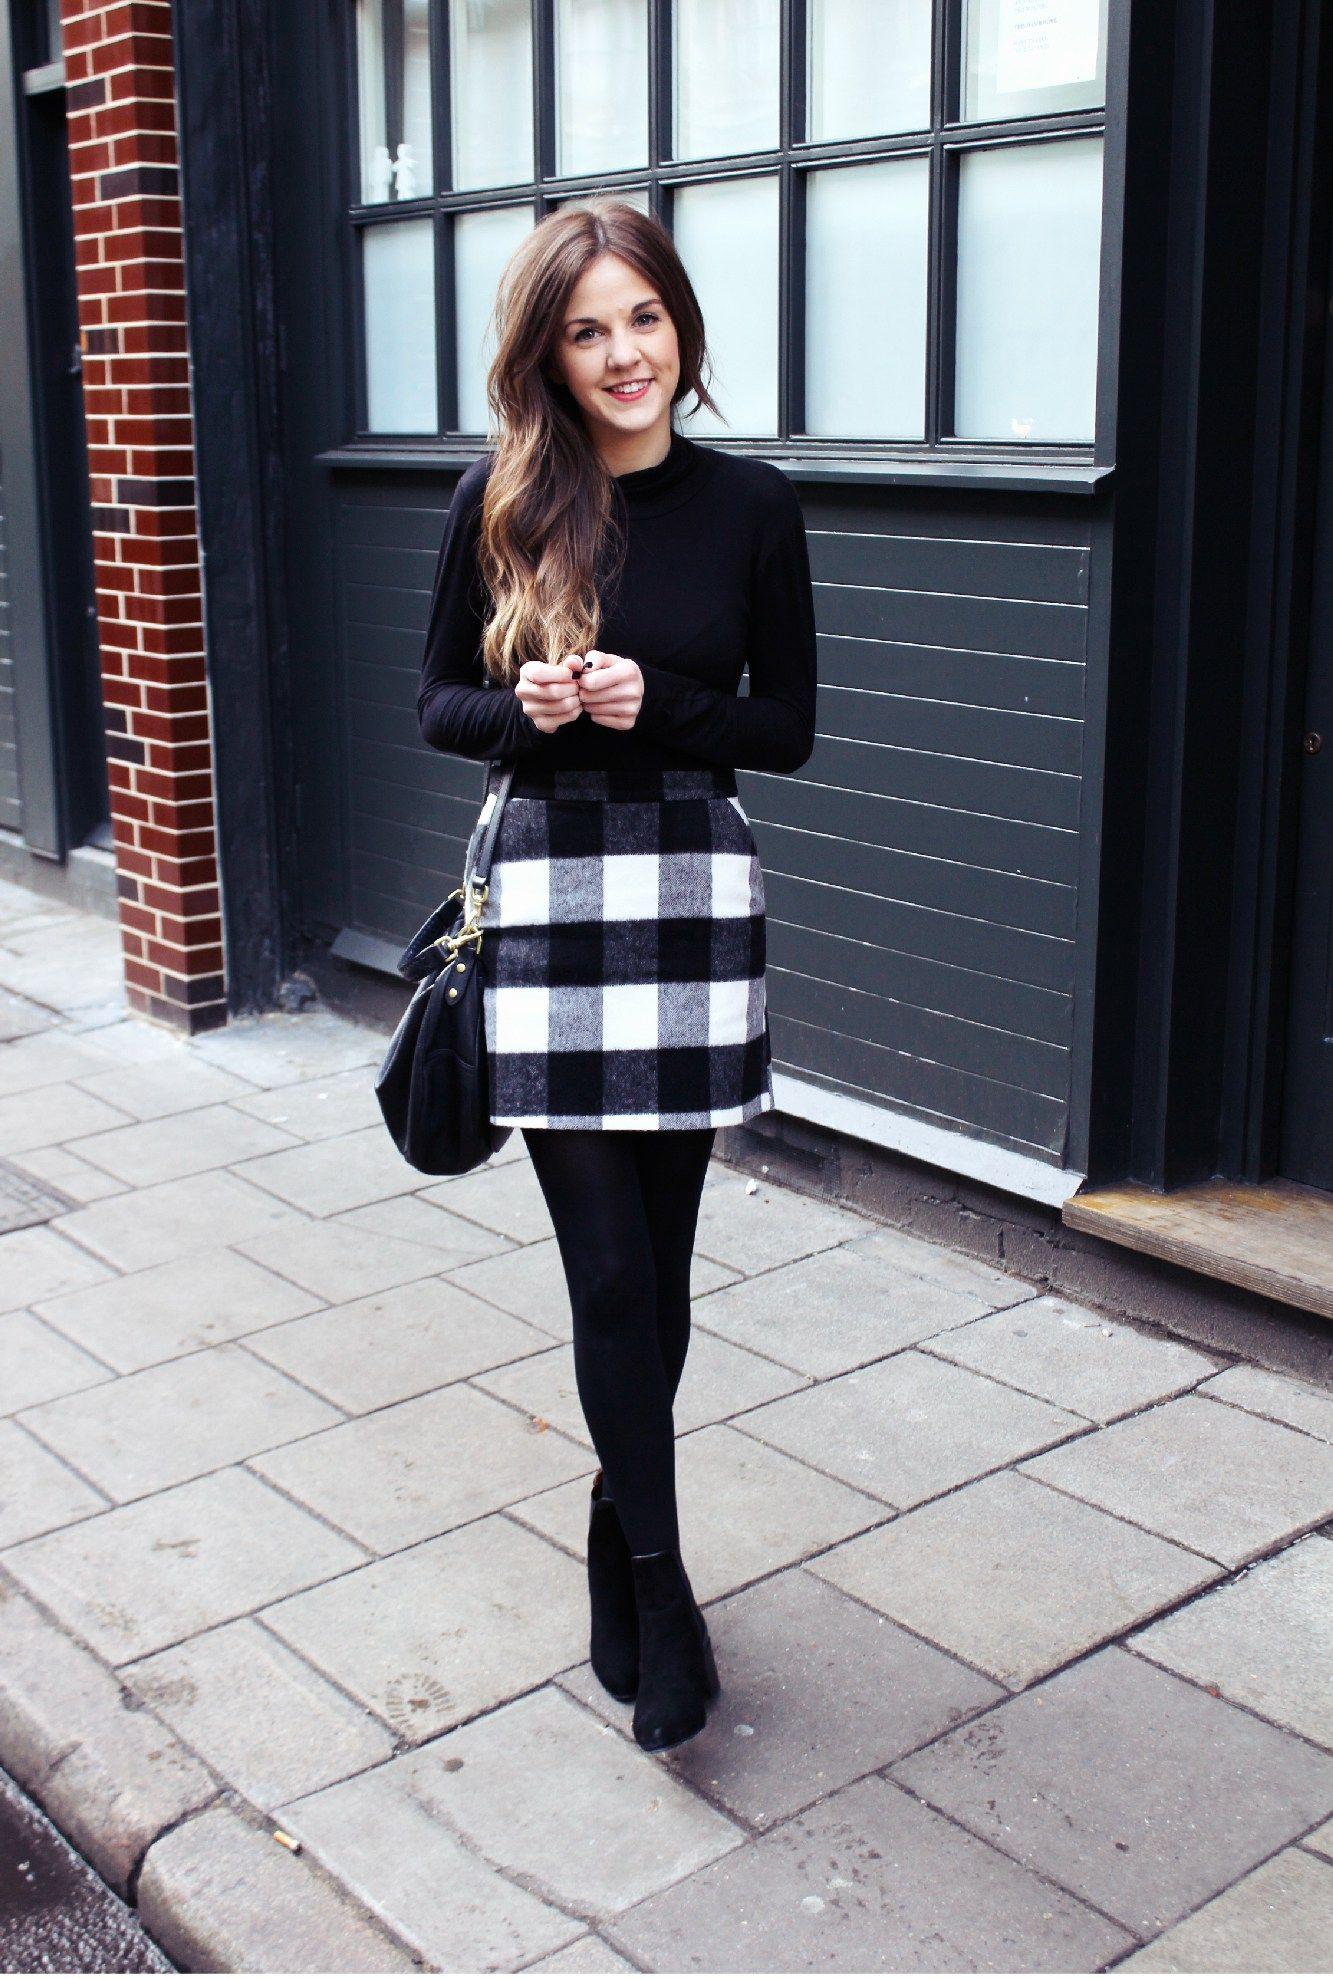 CHECK MATE. — LOVE CLOTH